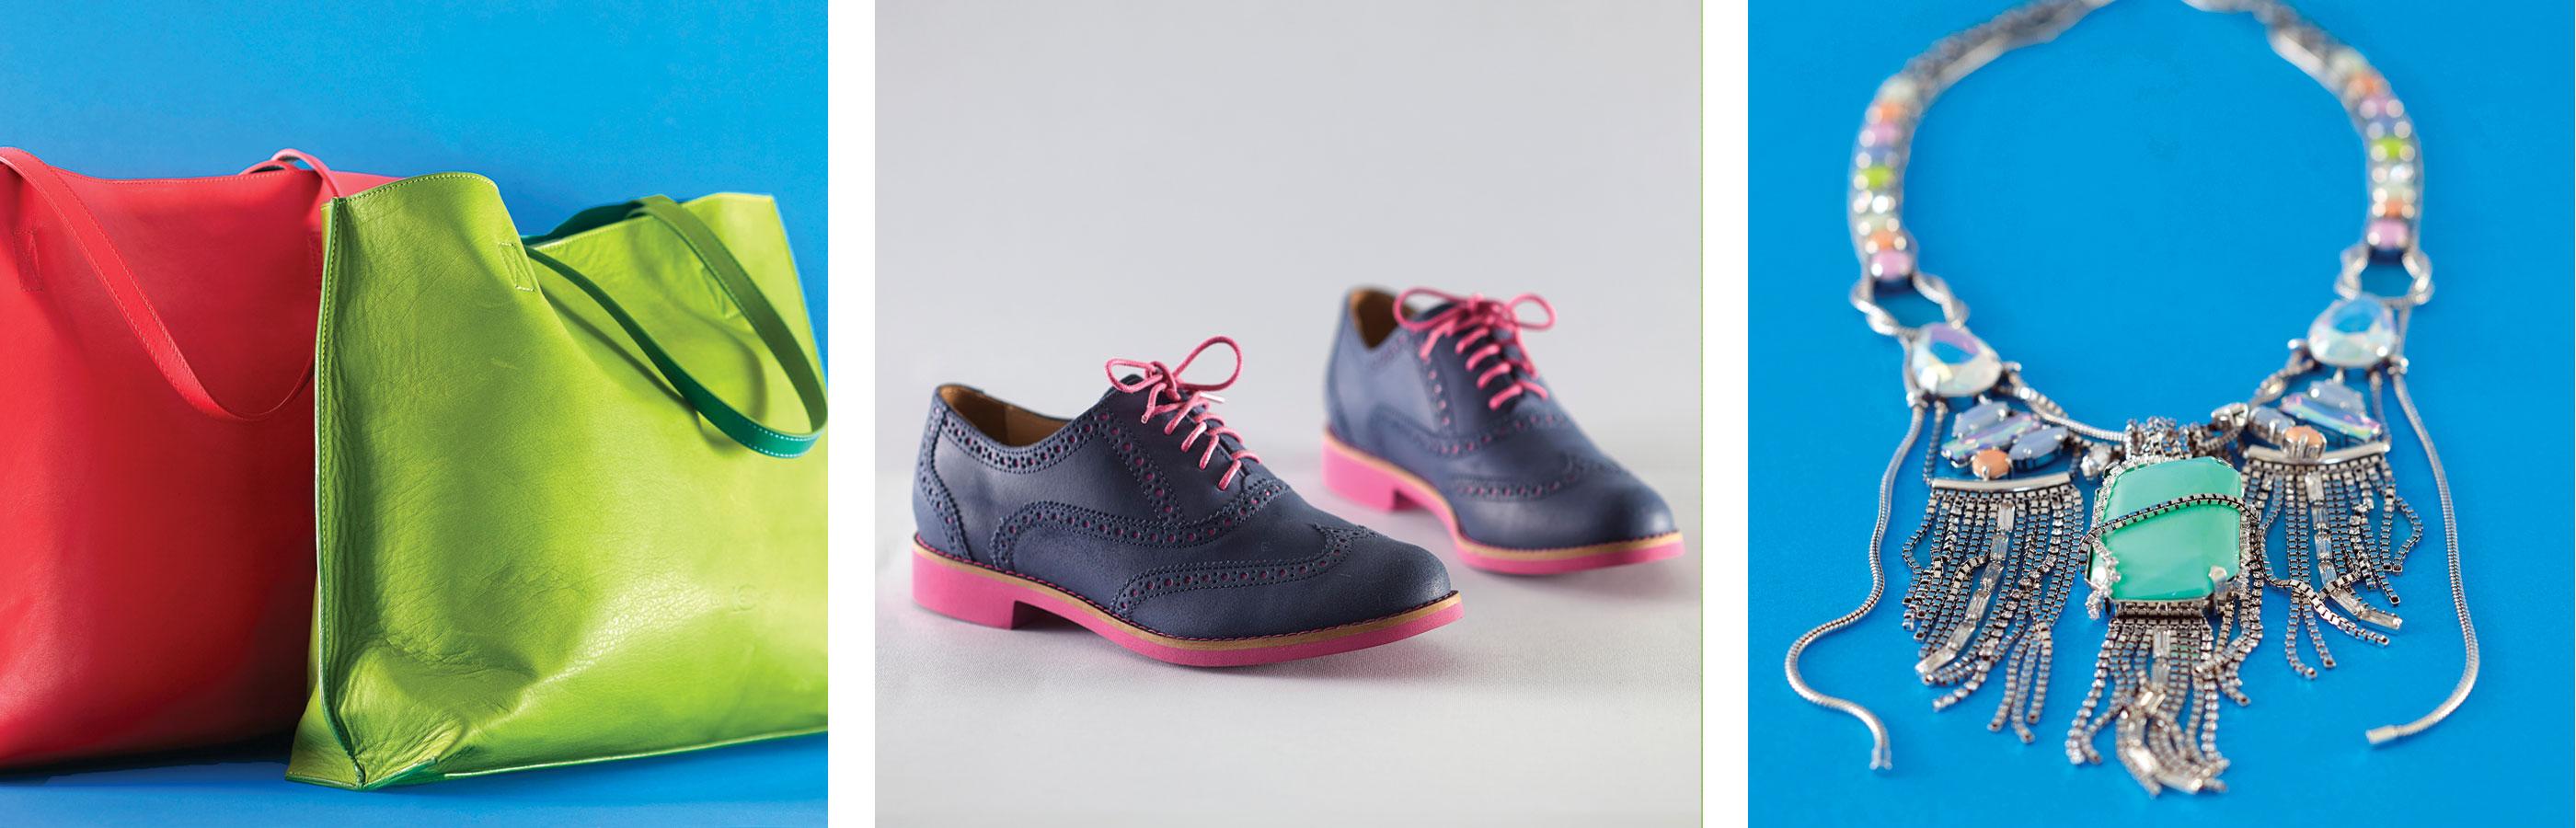 m10-accessoires-sac-reversible-reversible-bag-luisa-cerano-et-chaussure-shoes-cole-haan-et-collier-necklace-bleu-comme-le-ciel